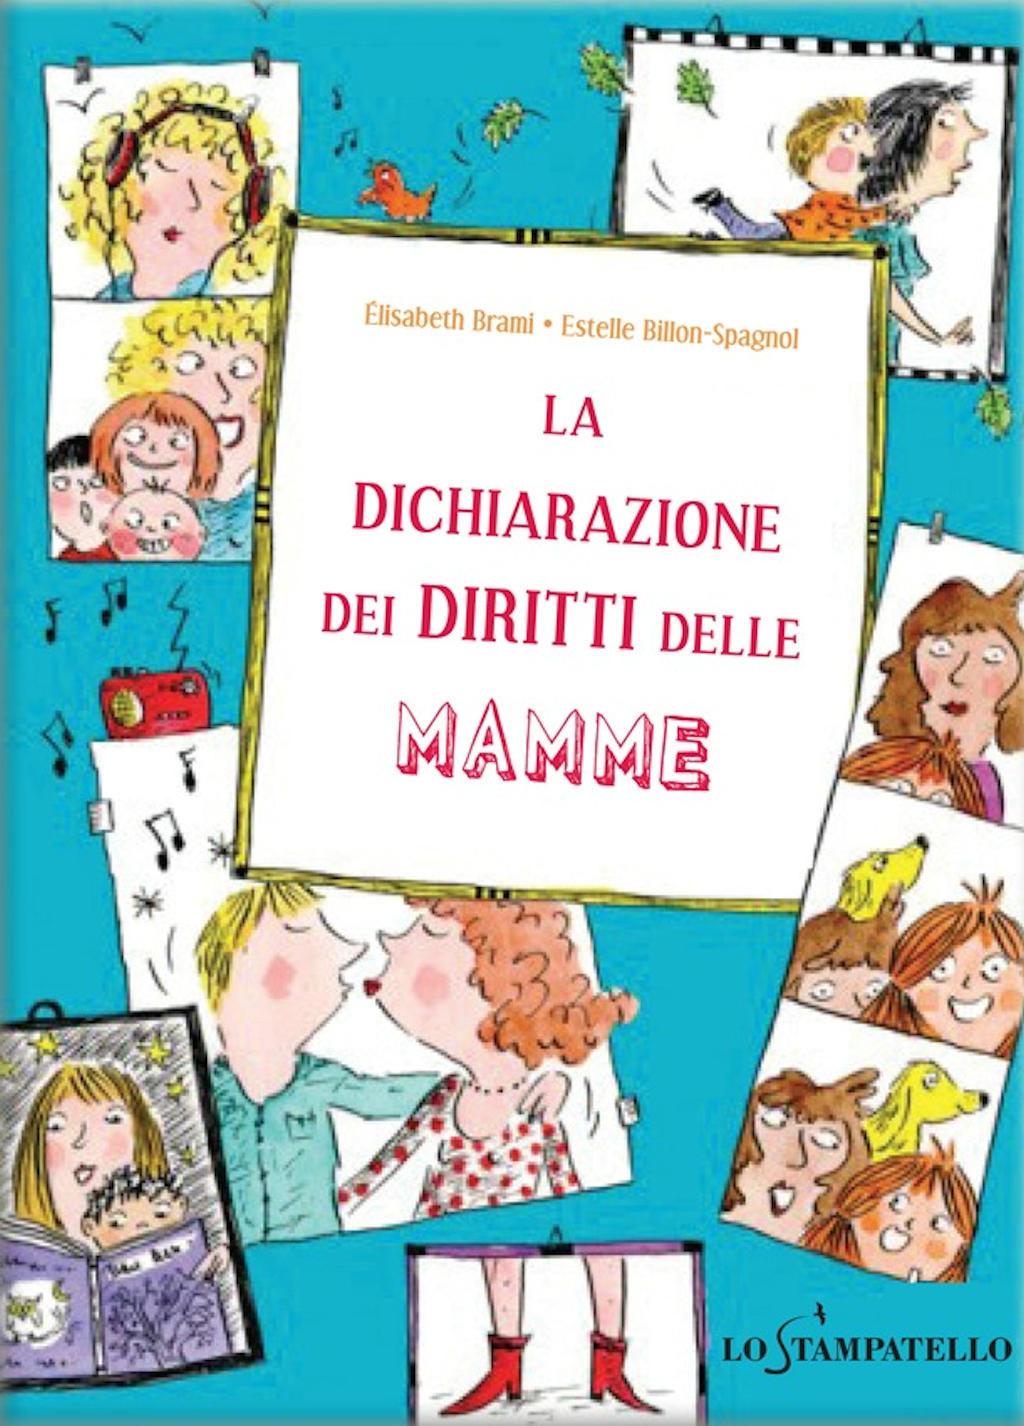 La dichiarazione dei diritti delle mamme